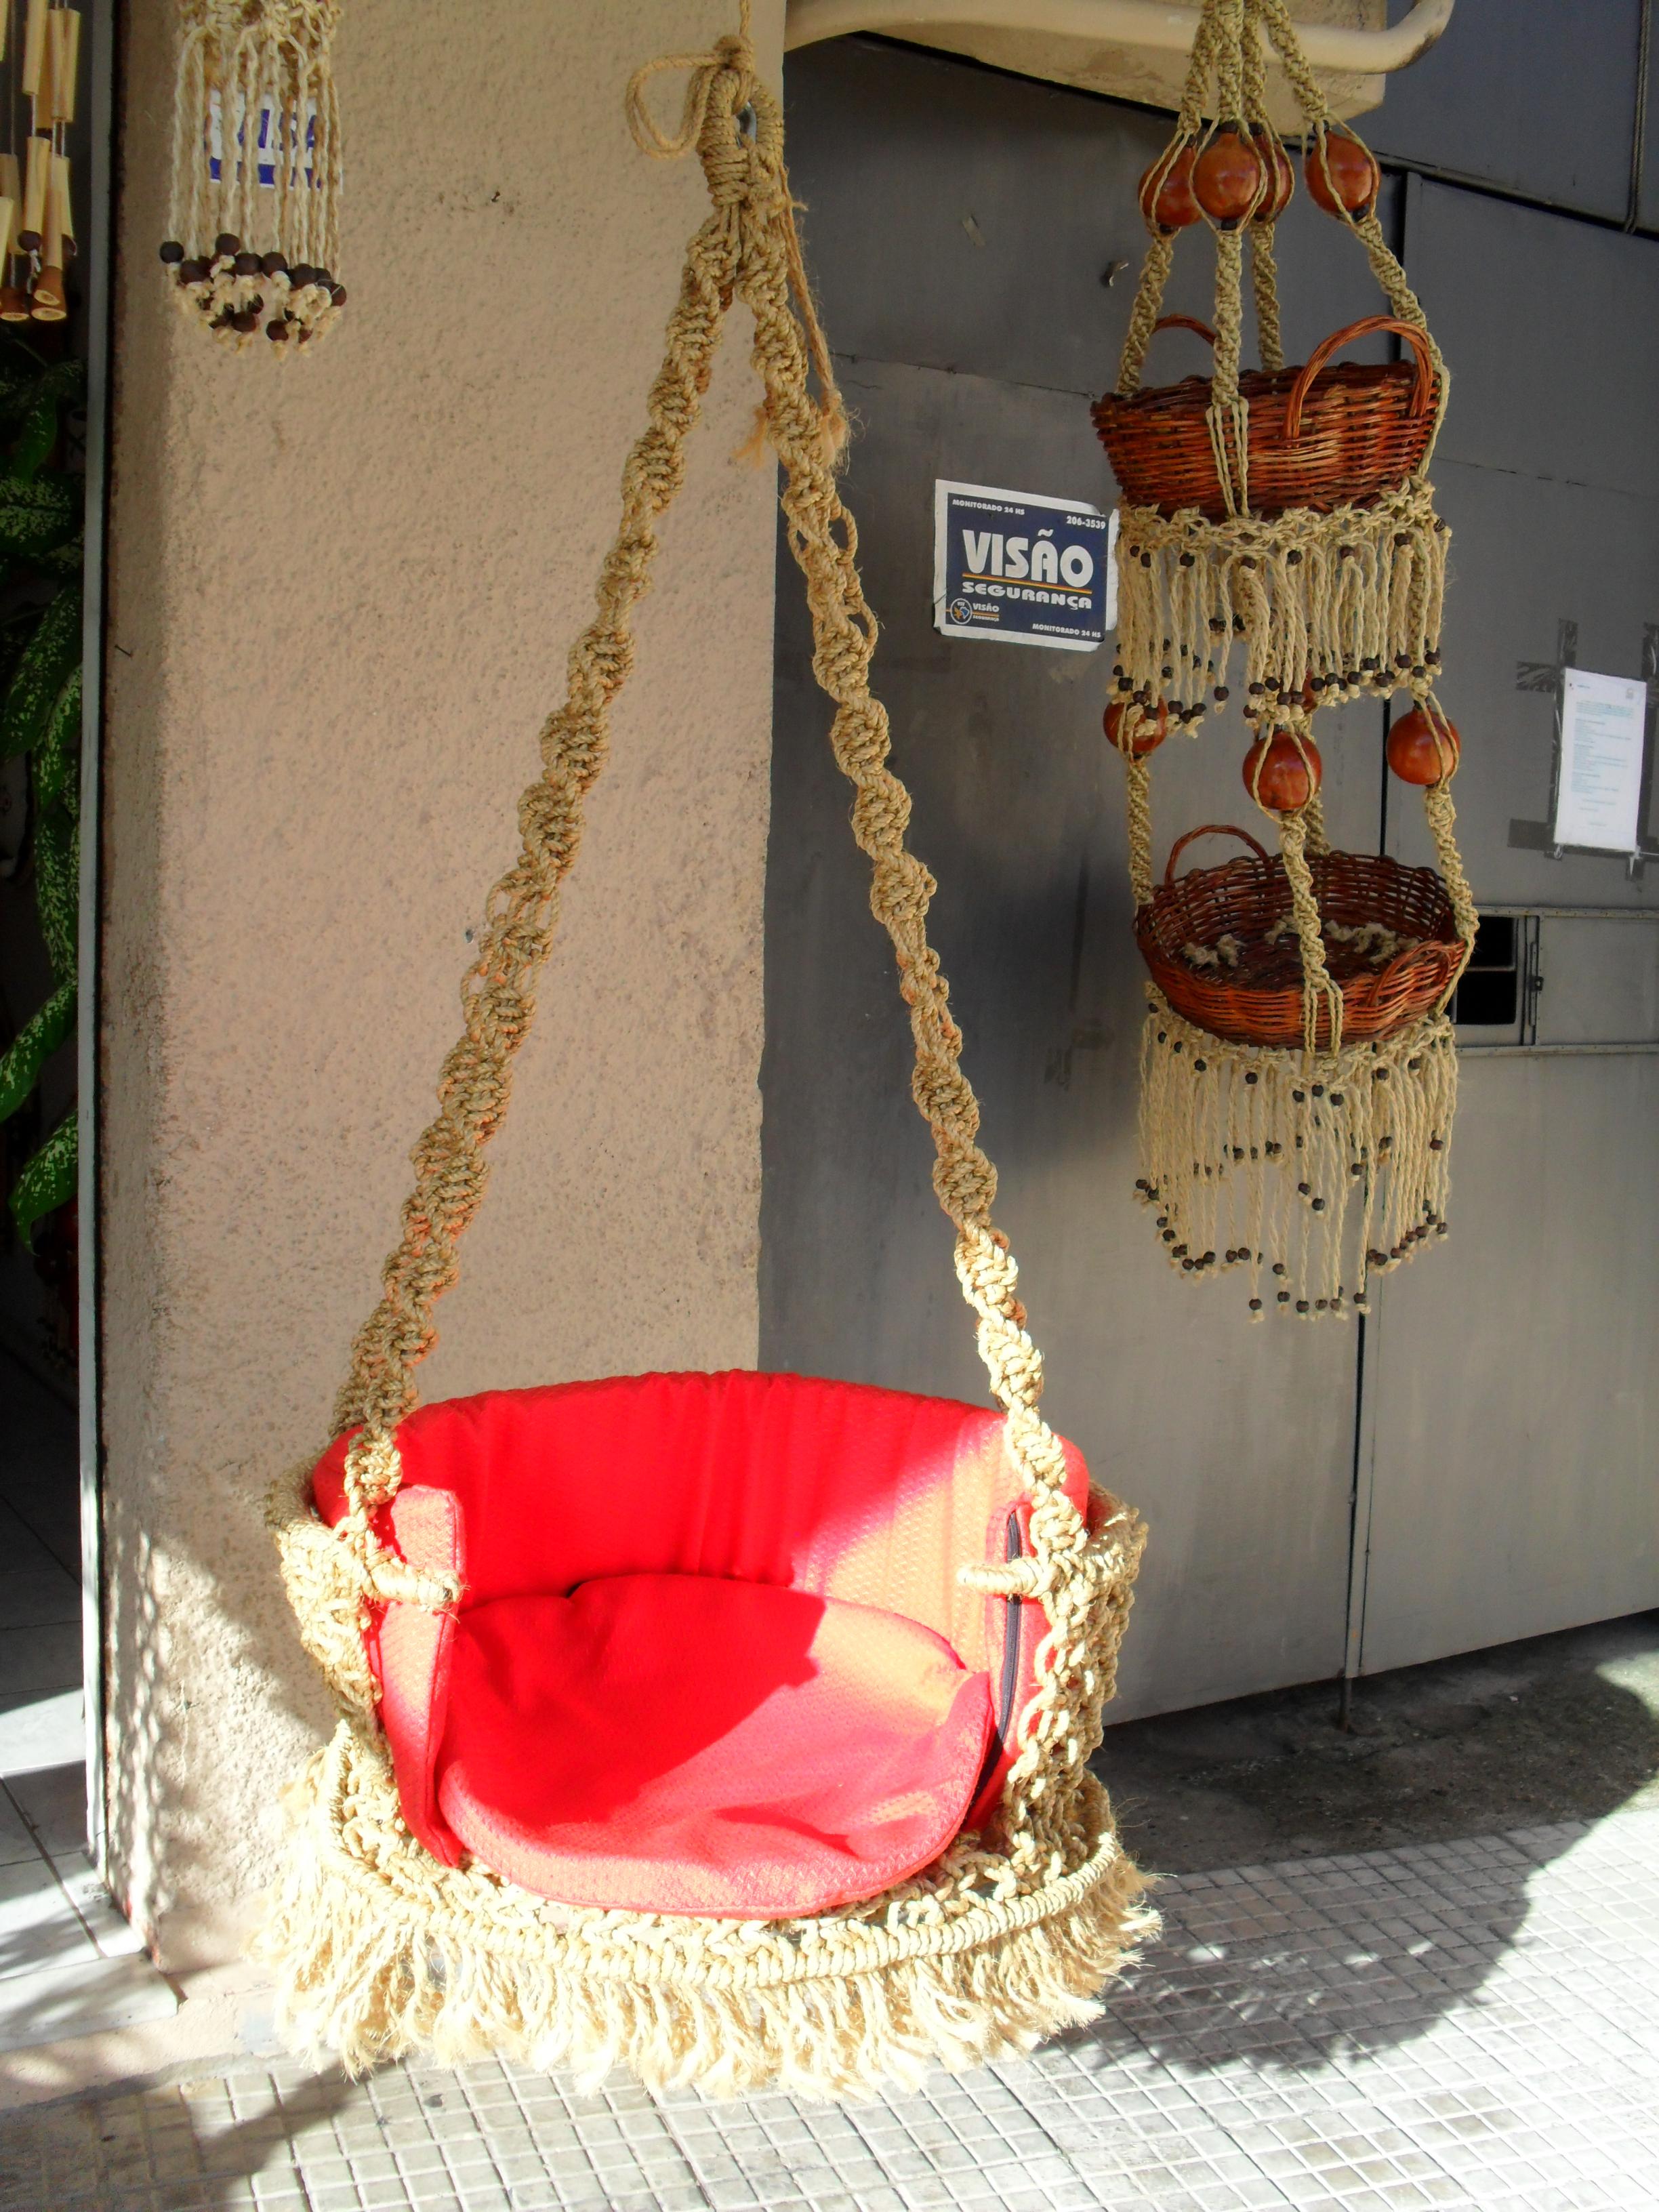 cadeiras de corda de sisal em promocao cadeiras #CC0011 2448x3264